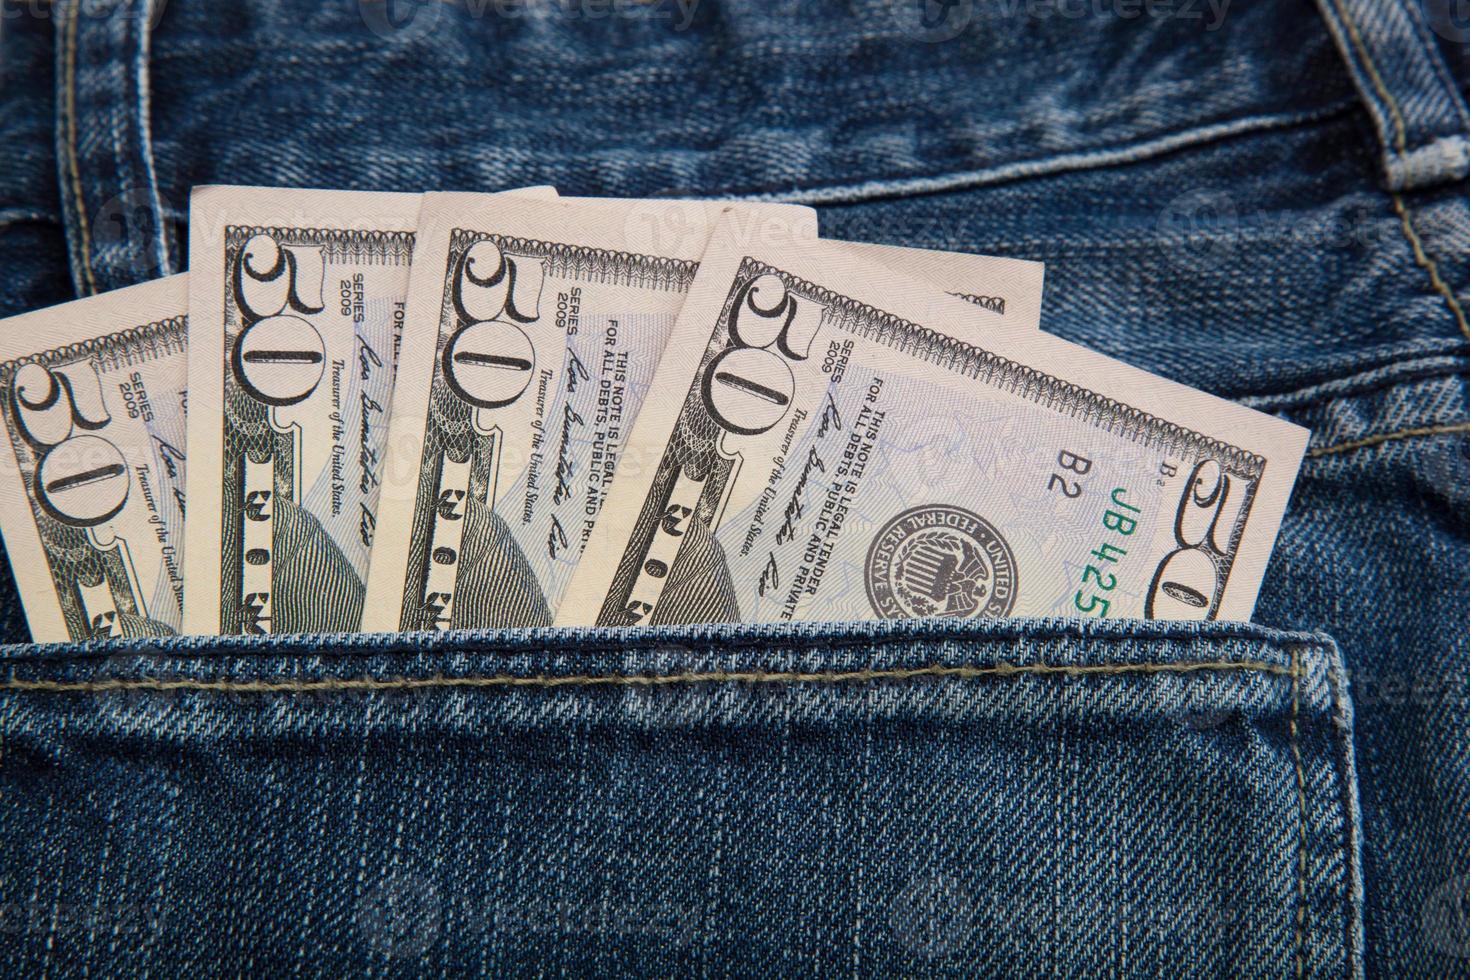 bankbiljetten in de achterzak van jeans. foto